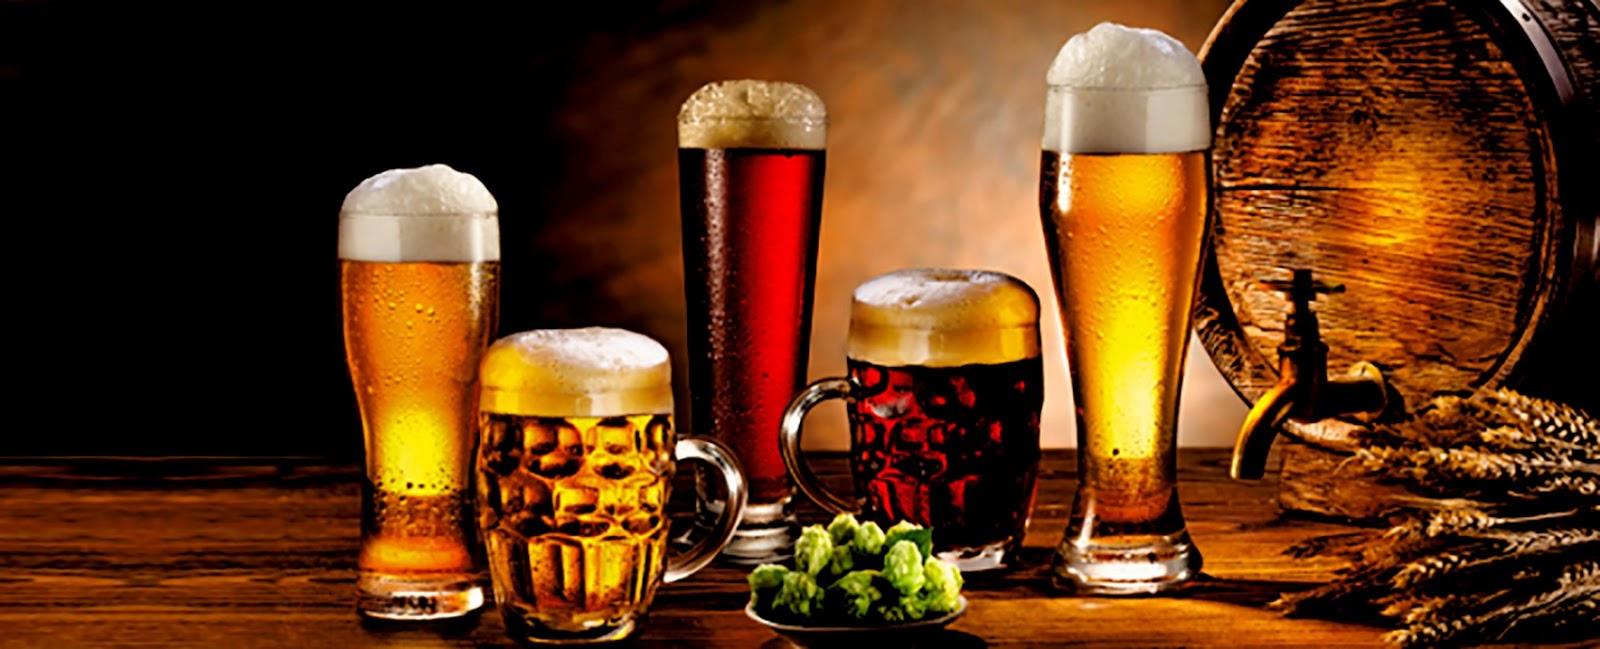 """Ricardo Aftyka: """"La idea es acercar más gente al mundo de la cerveza"""" - Radio Cantilo"""